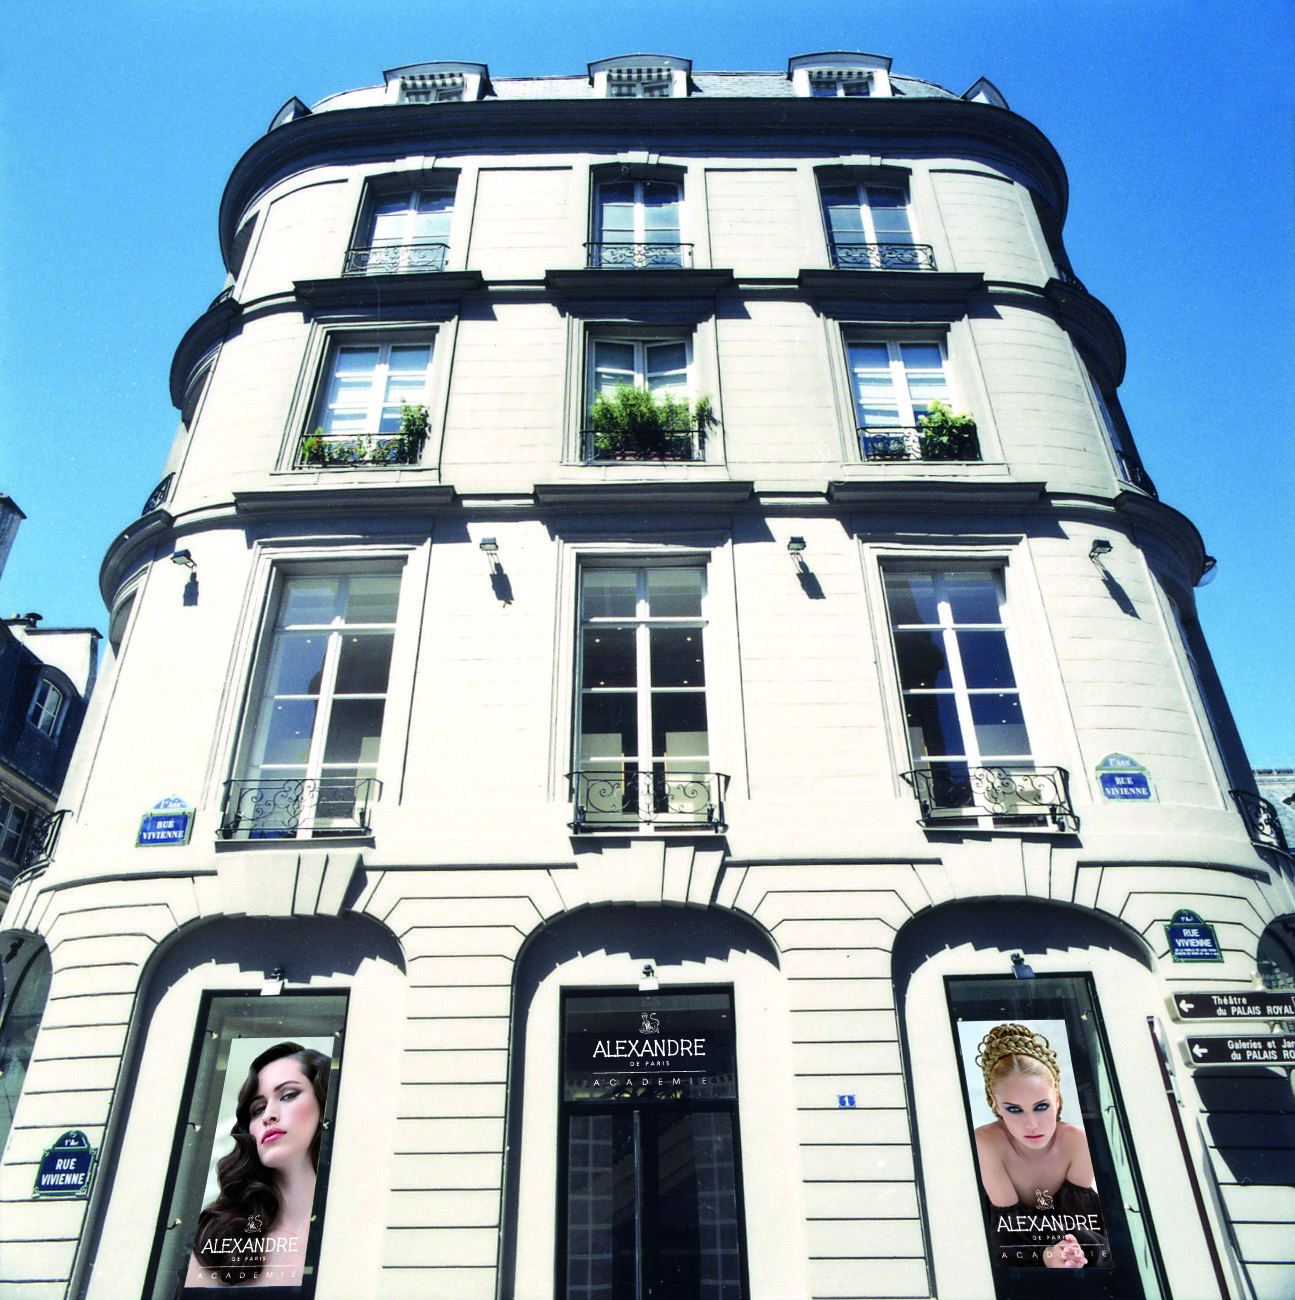 Le studio Alexandre de Paris